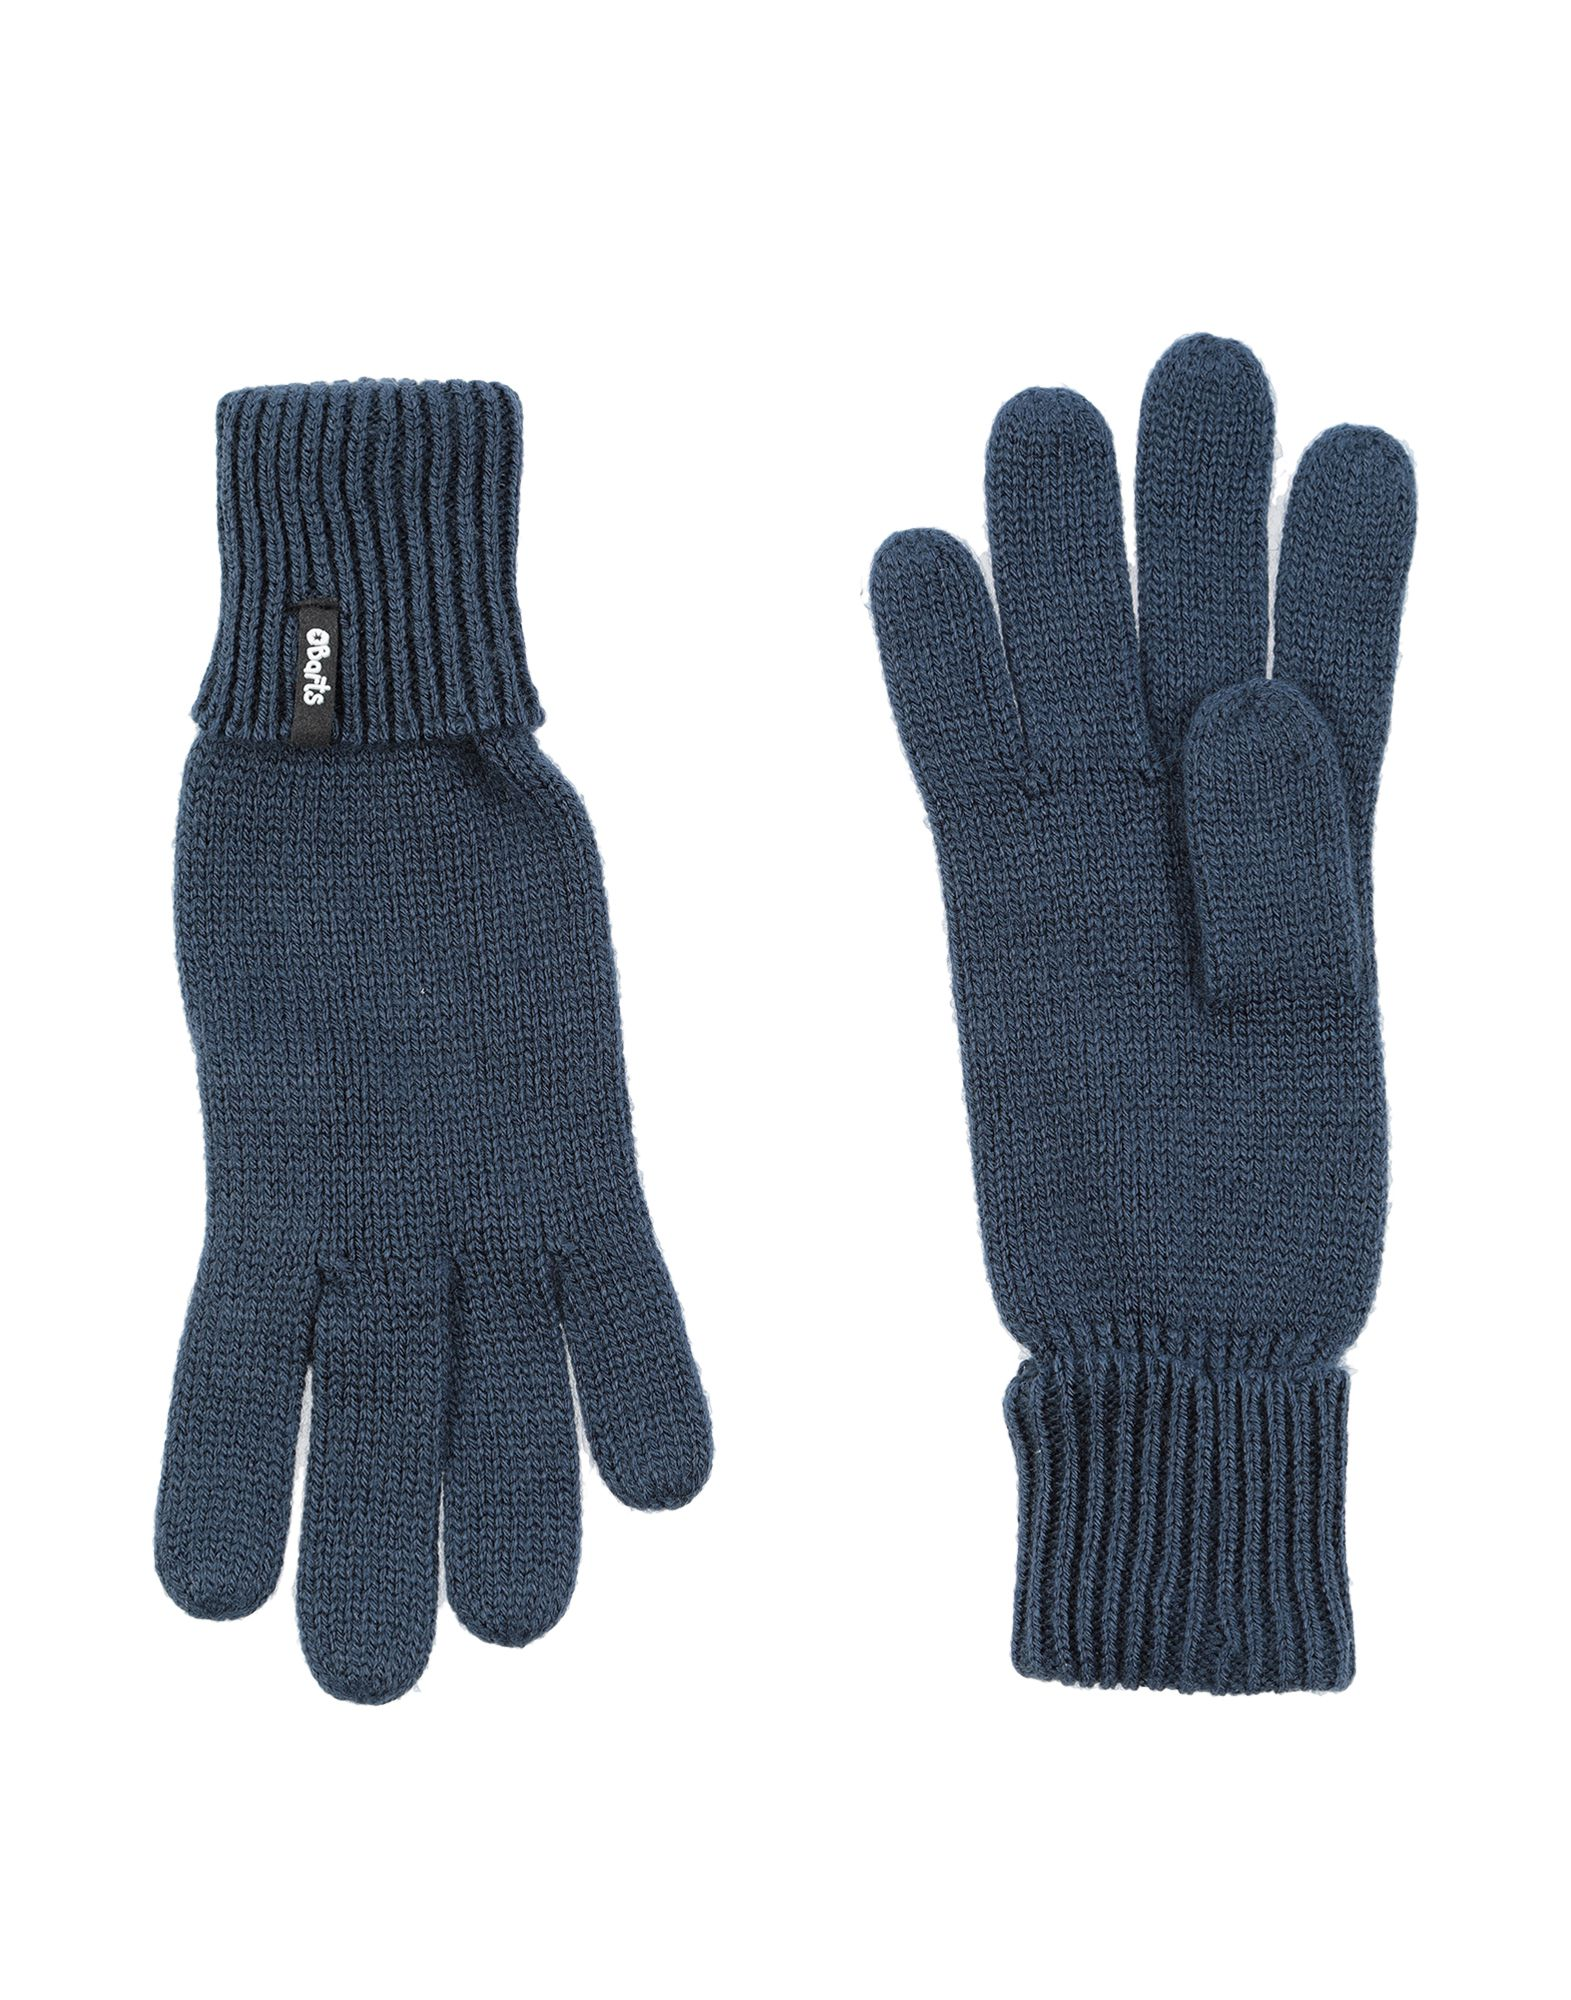 Фото - BARTS Перчатки защитные антистатические перчатки из углеродного волокна ermar erma